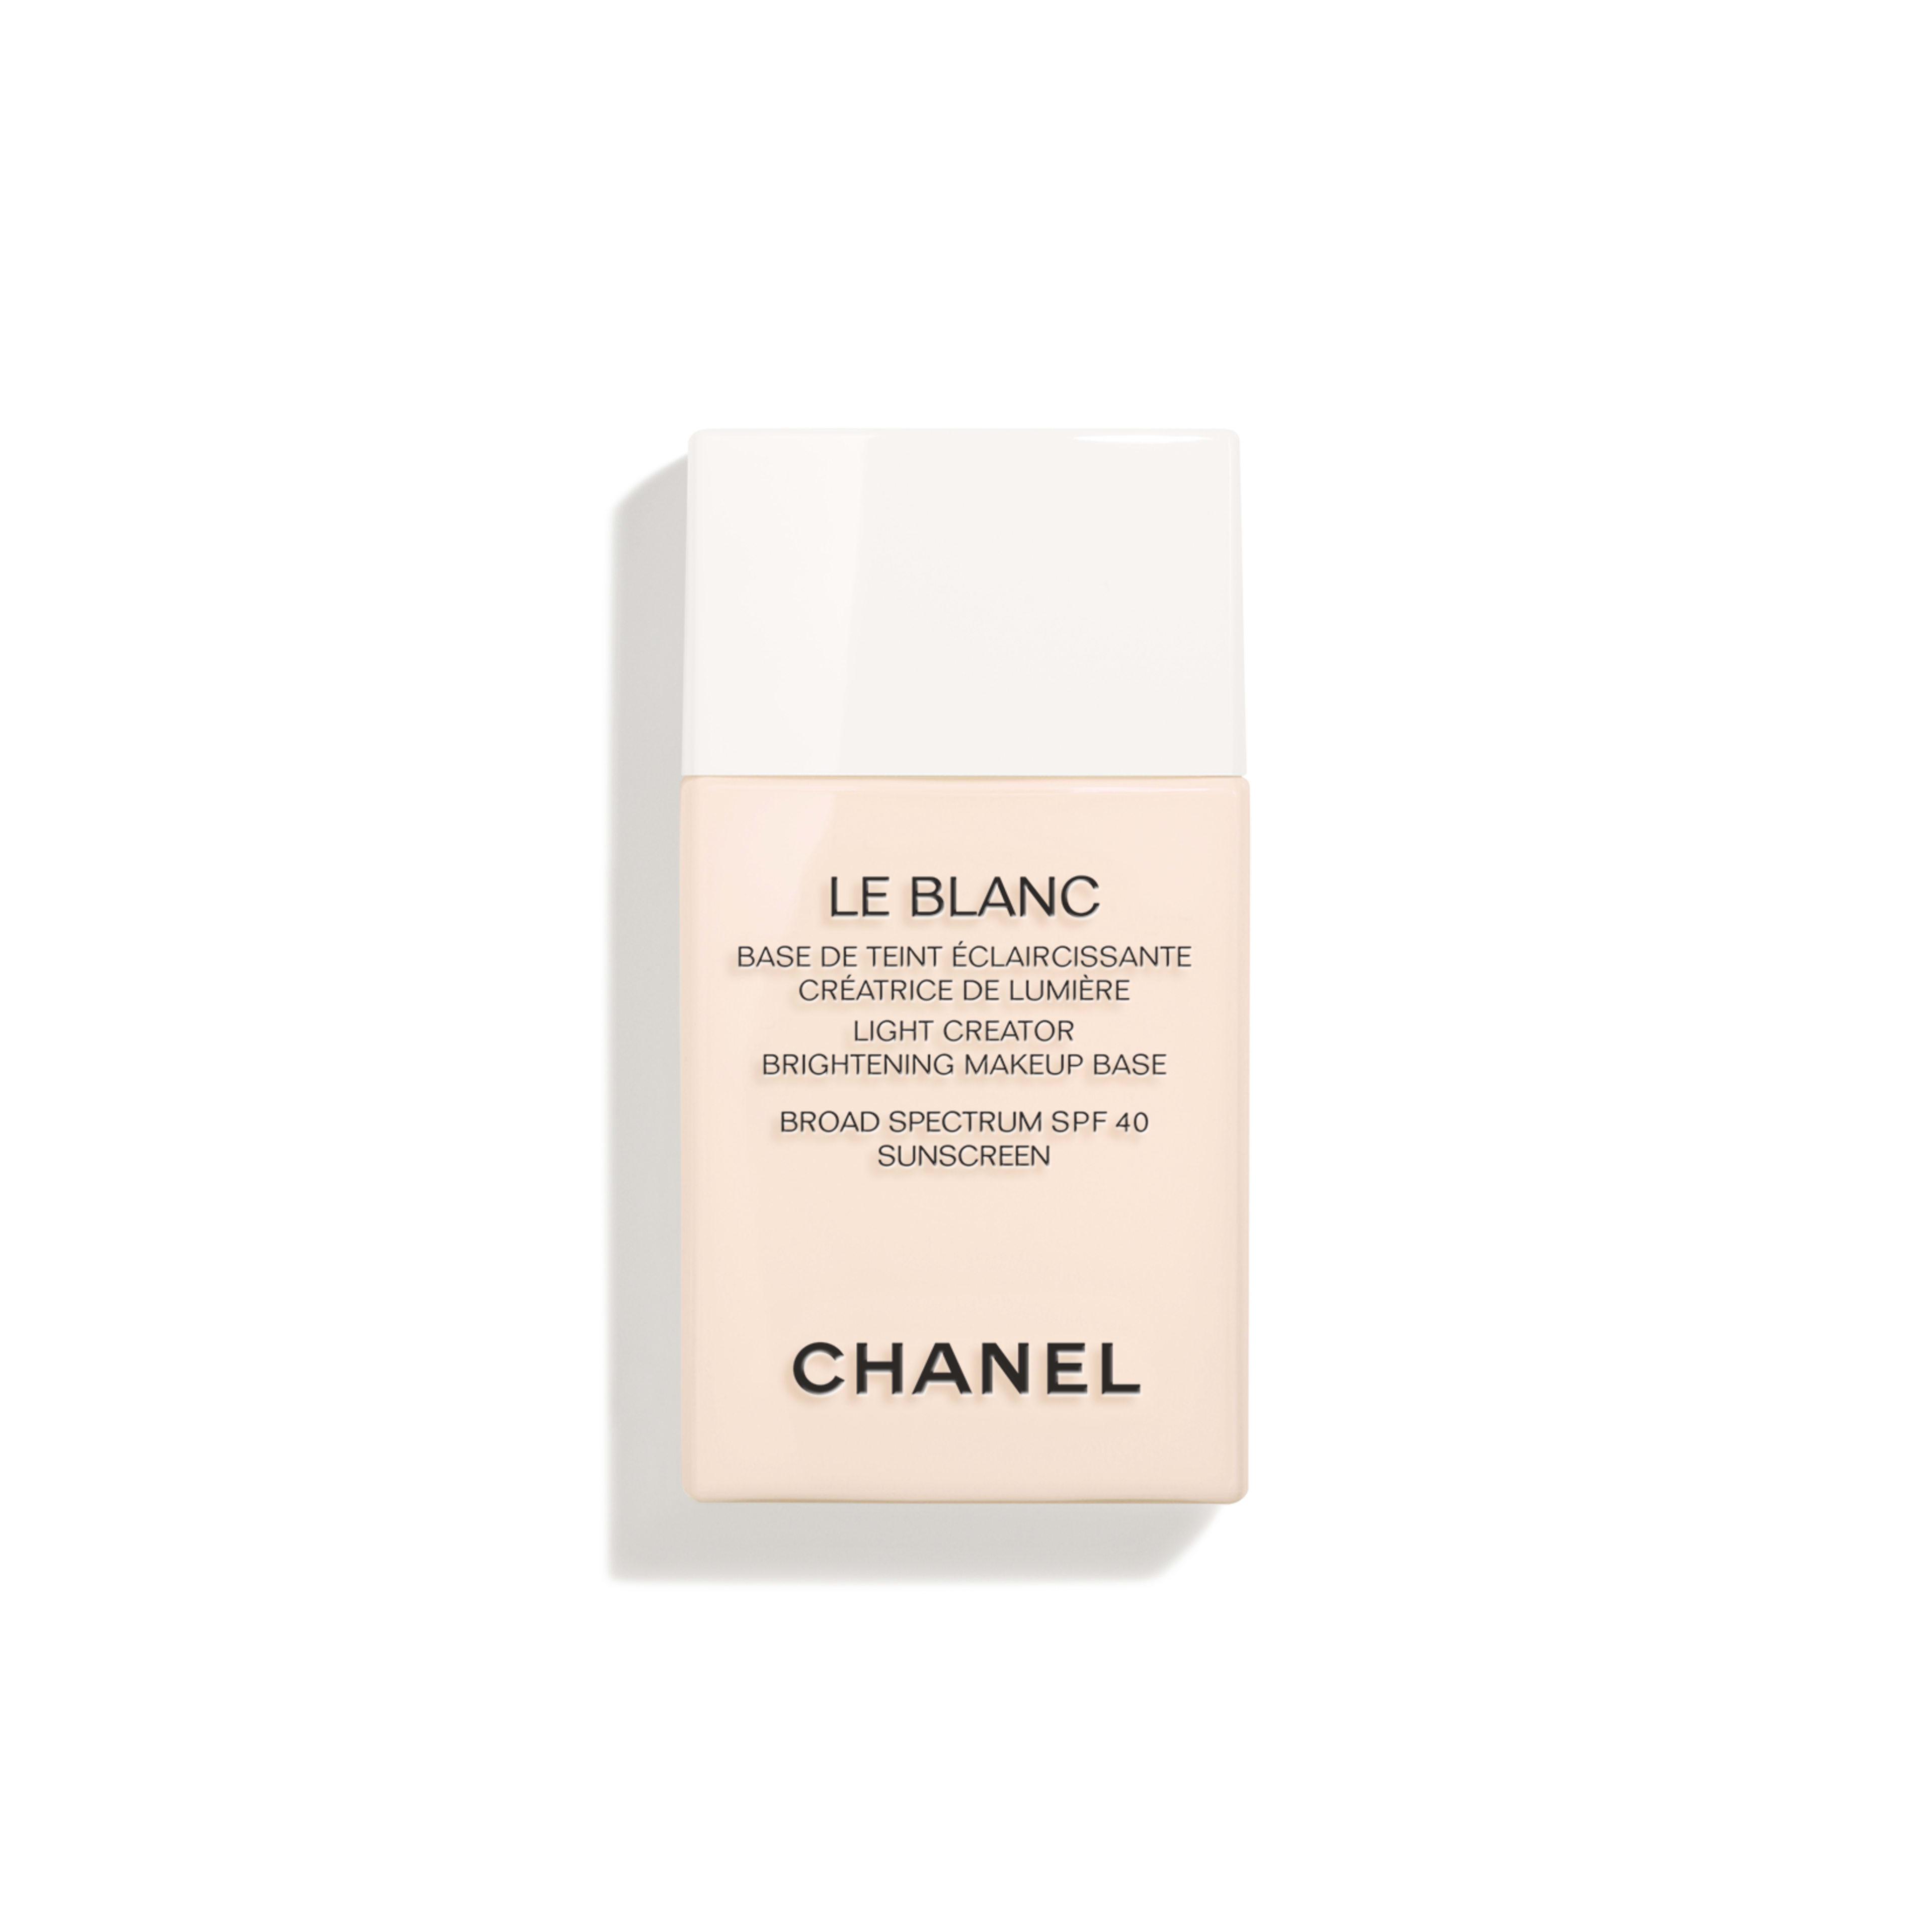 LE BLANC - makeup - 1FL. OZ. - Default view